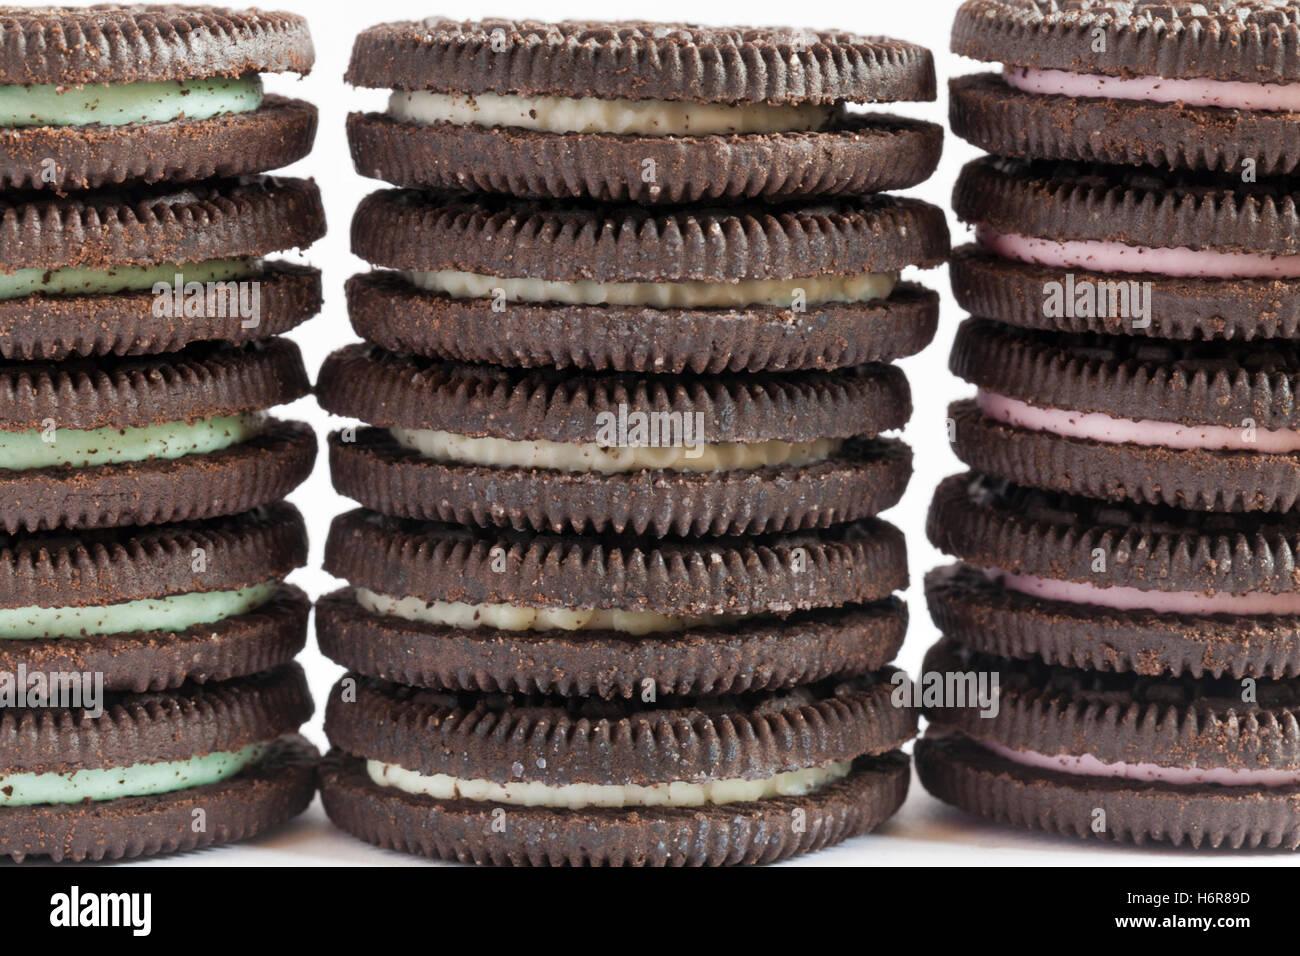 Pile de saveur de menthe, saveur d'origine et la saveur des biscuits Oreo Cheesecake aux fraises sur fond blanc Photo Stock